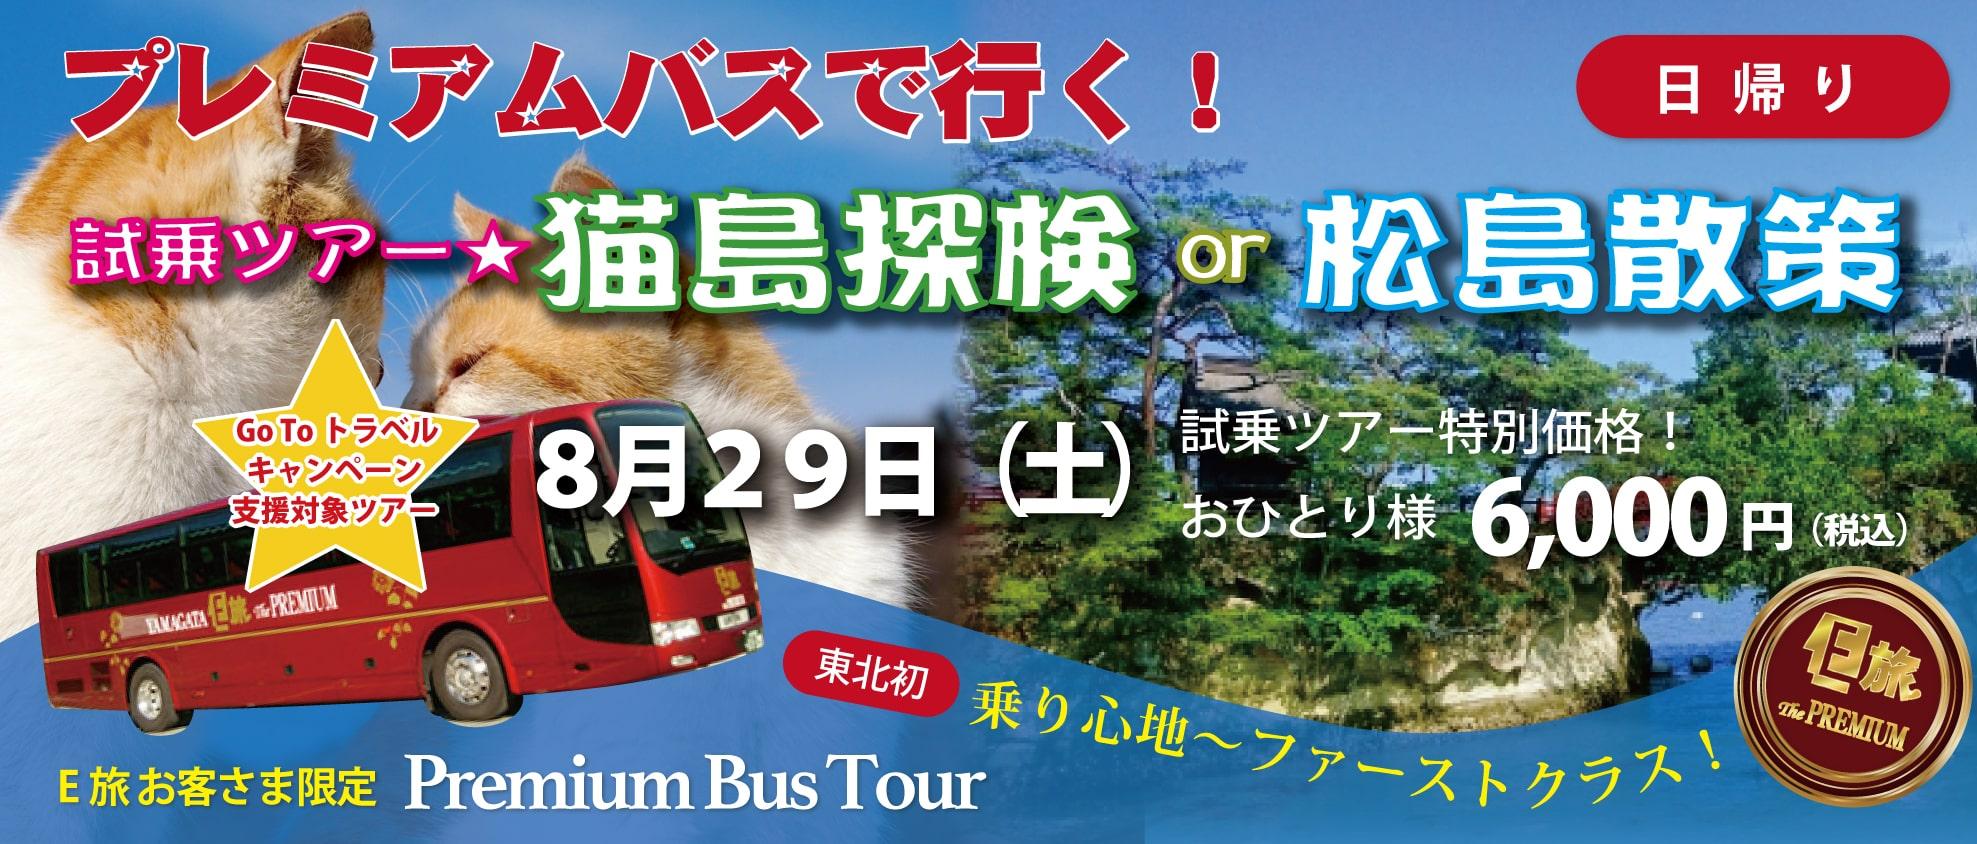 プレミアムバスで行く!試乗ツアー★〜猫島探検or松島散策〜